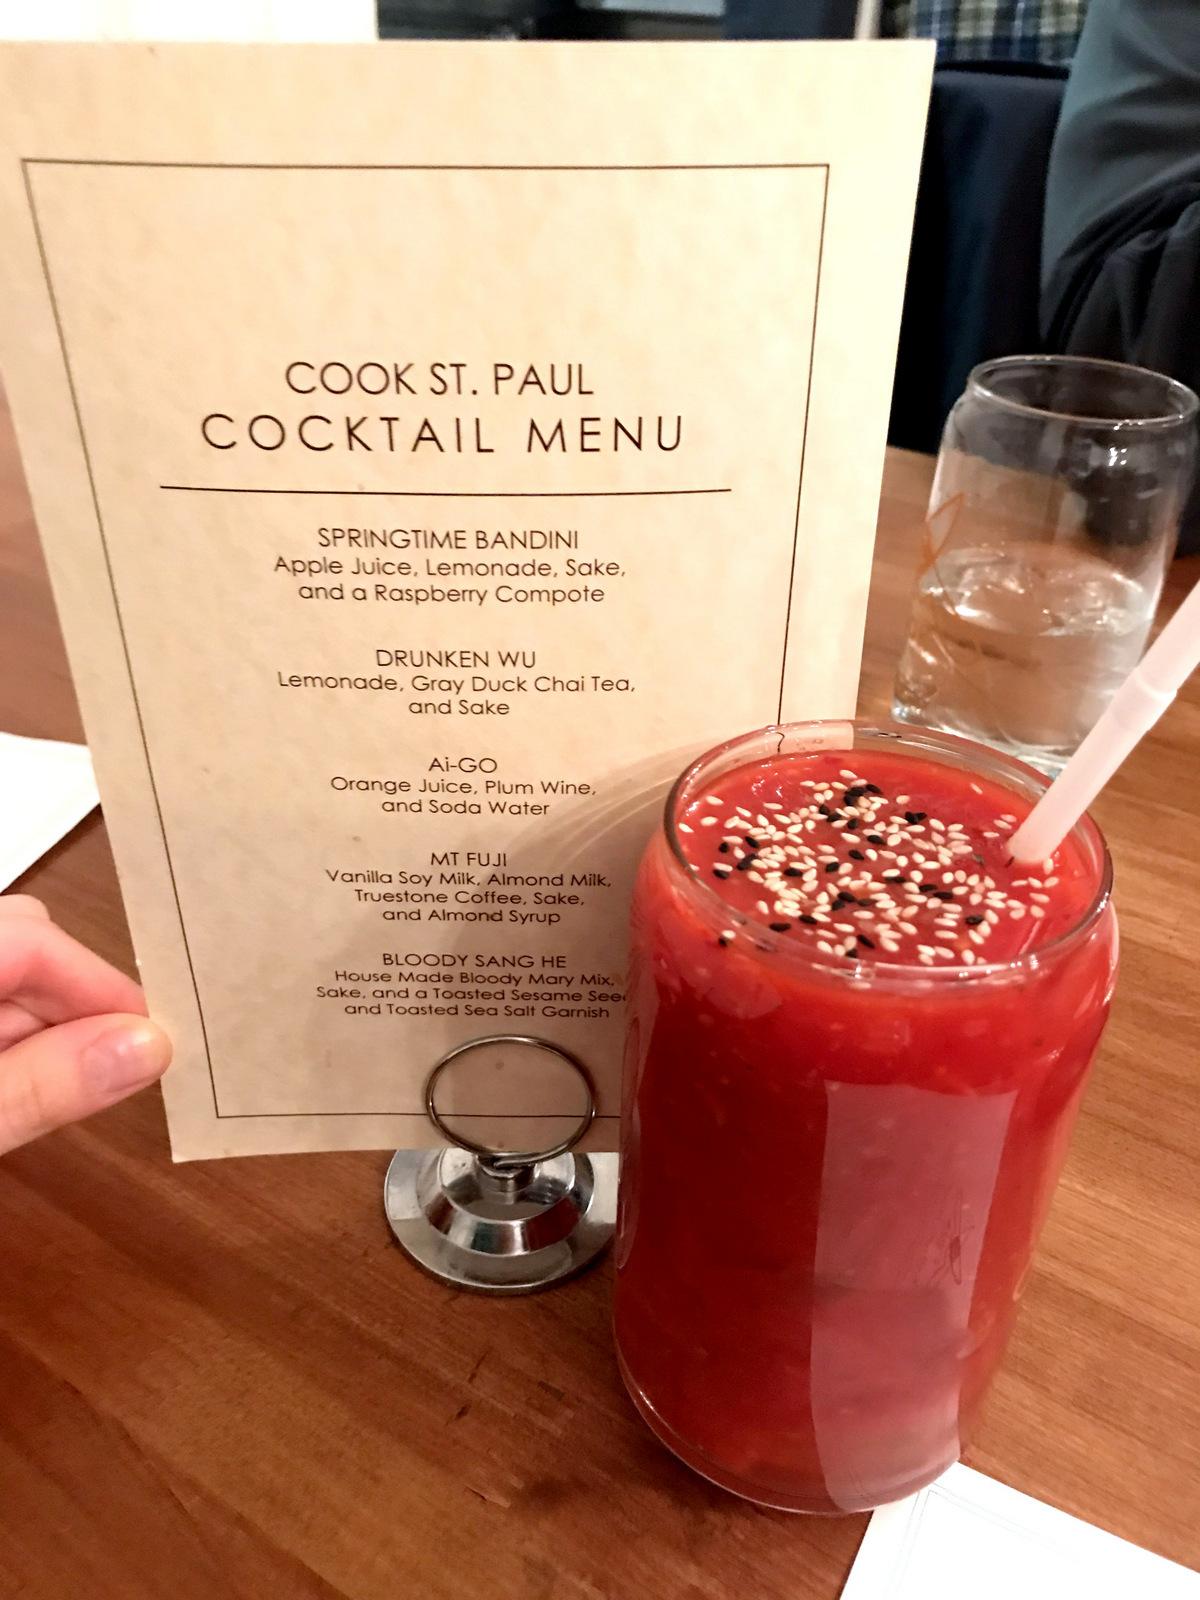 Cook offers sake cocktails